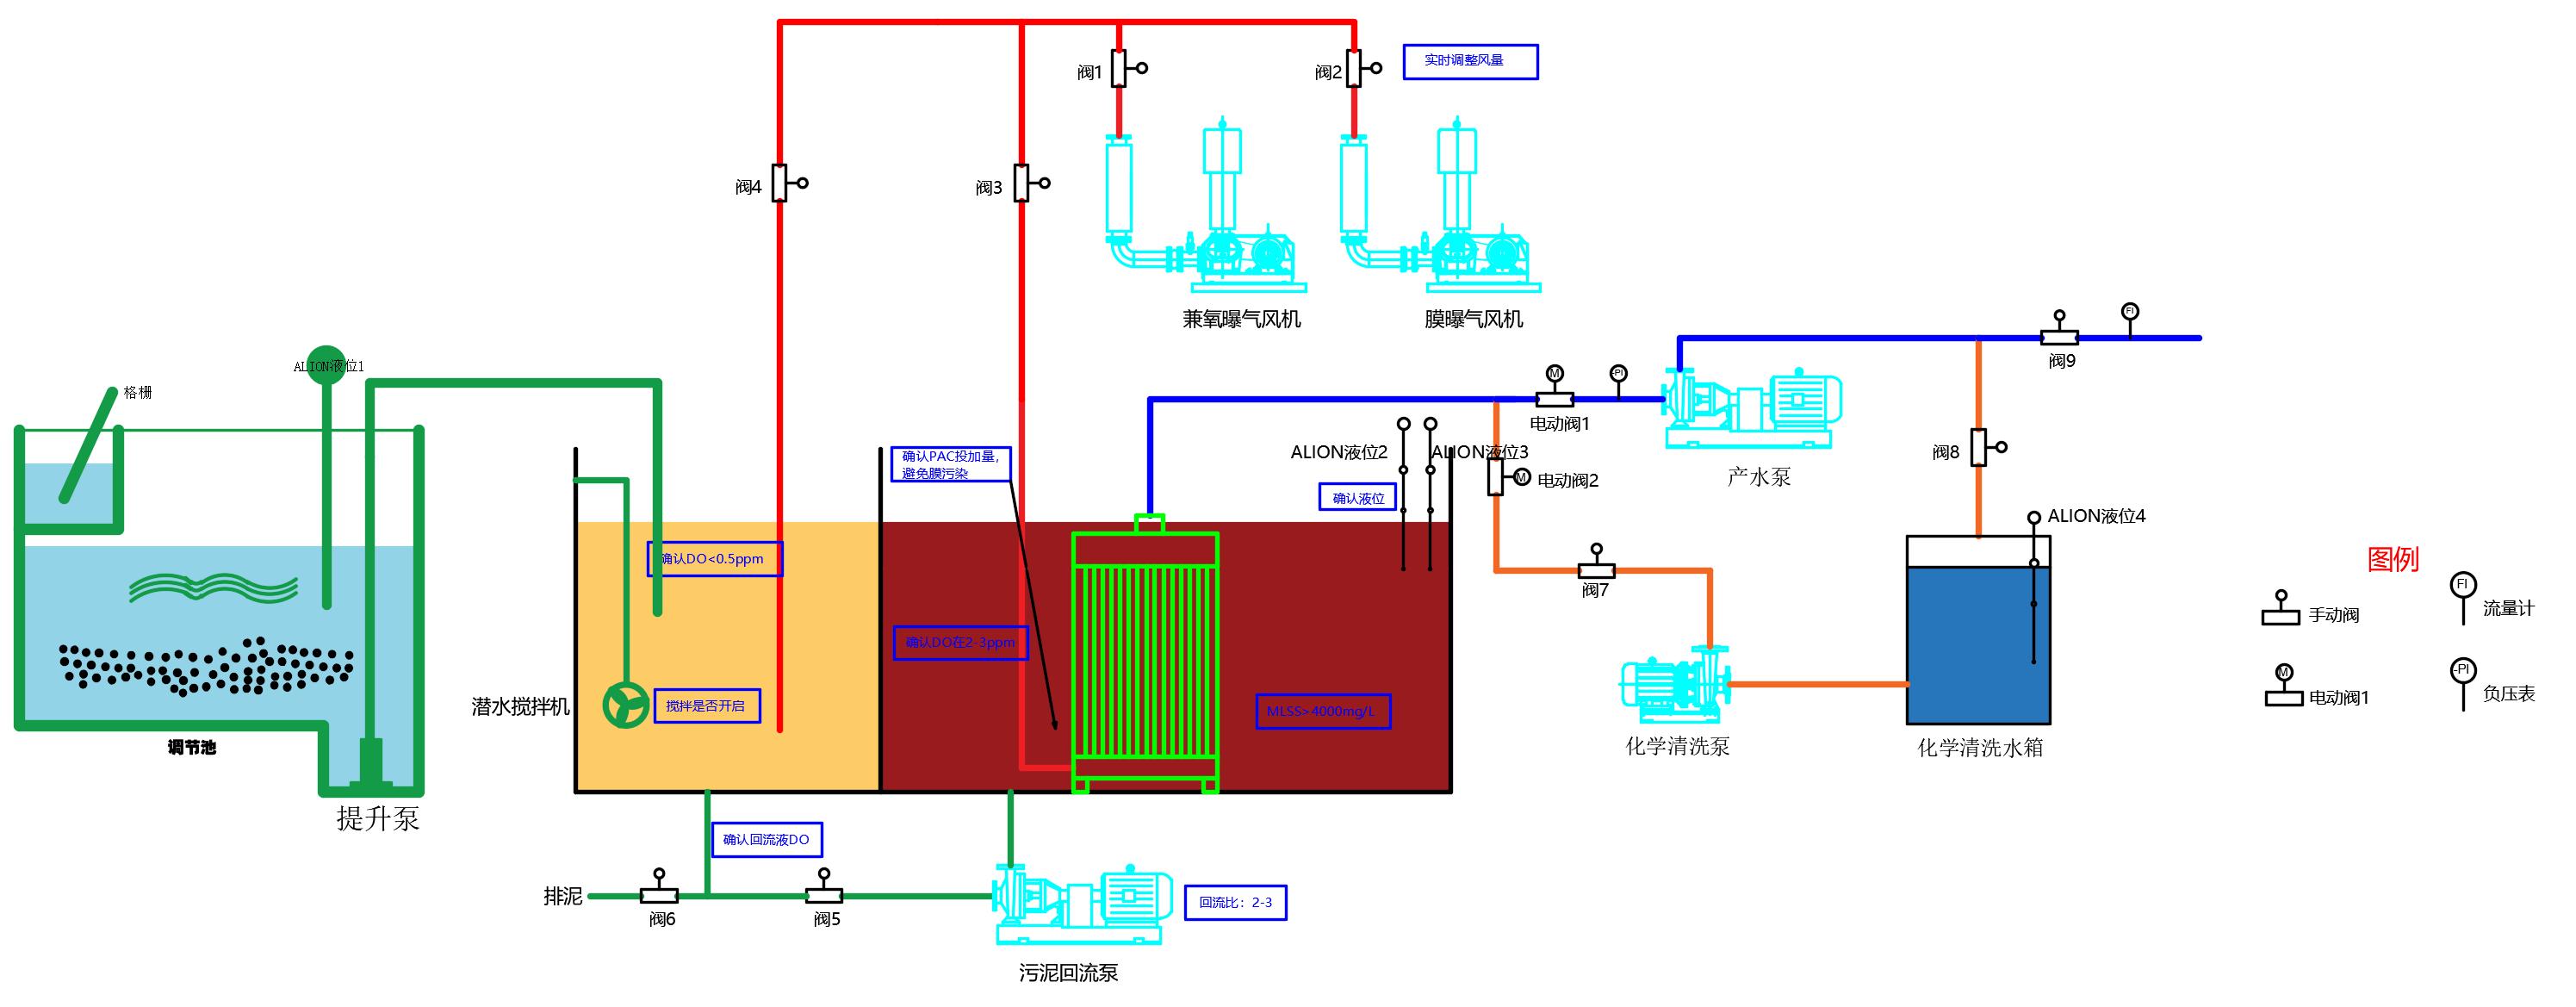 MBR膜污水处理设备工艺